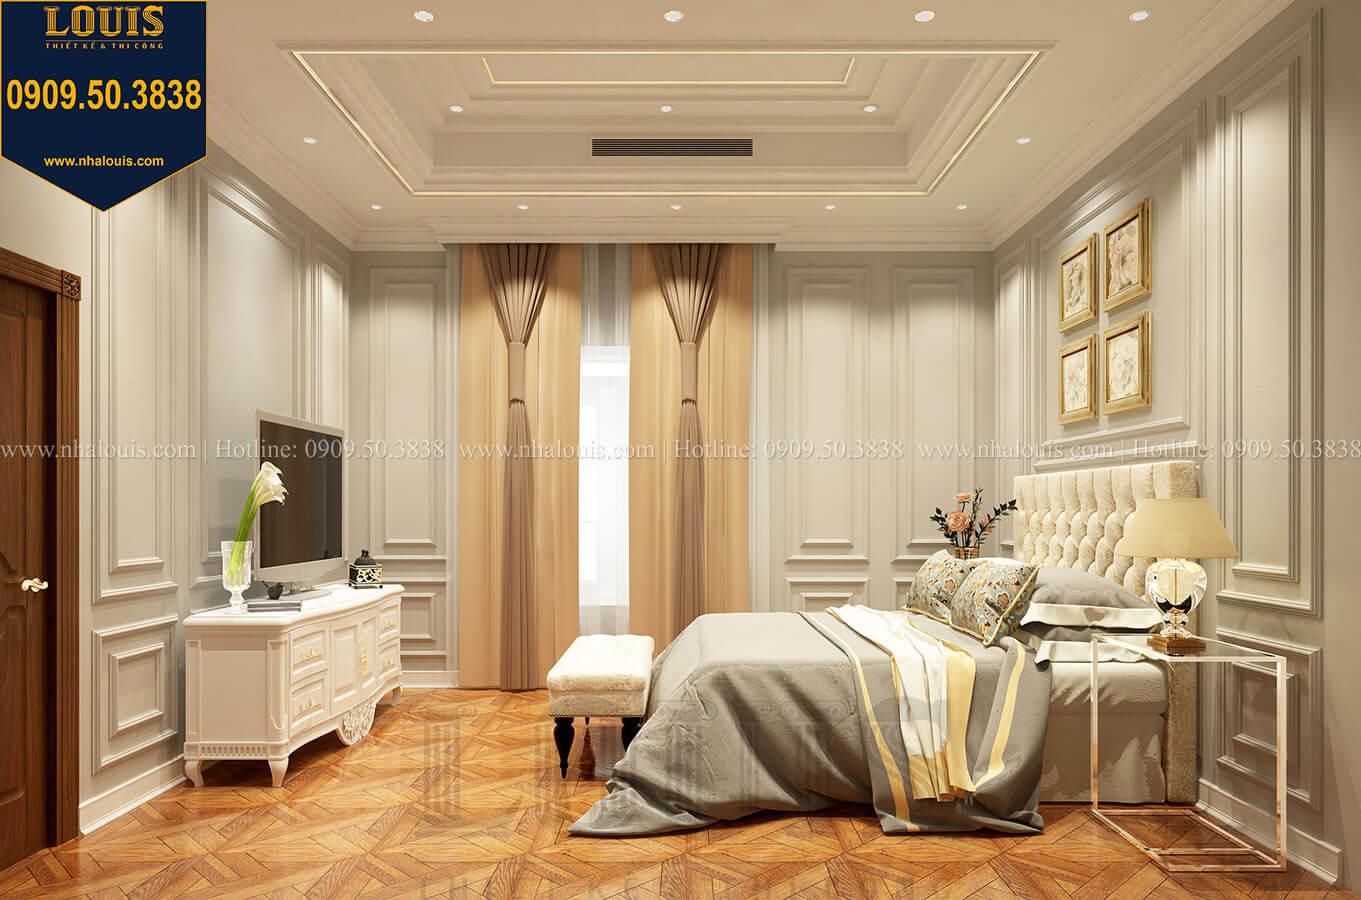 Phòng ngủ Thiết kế mẫu biệt thự tân cổ điển 3 tầng đậm chất Tây tại Vũng Tàu - 26